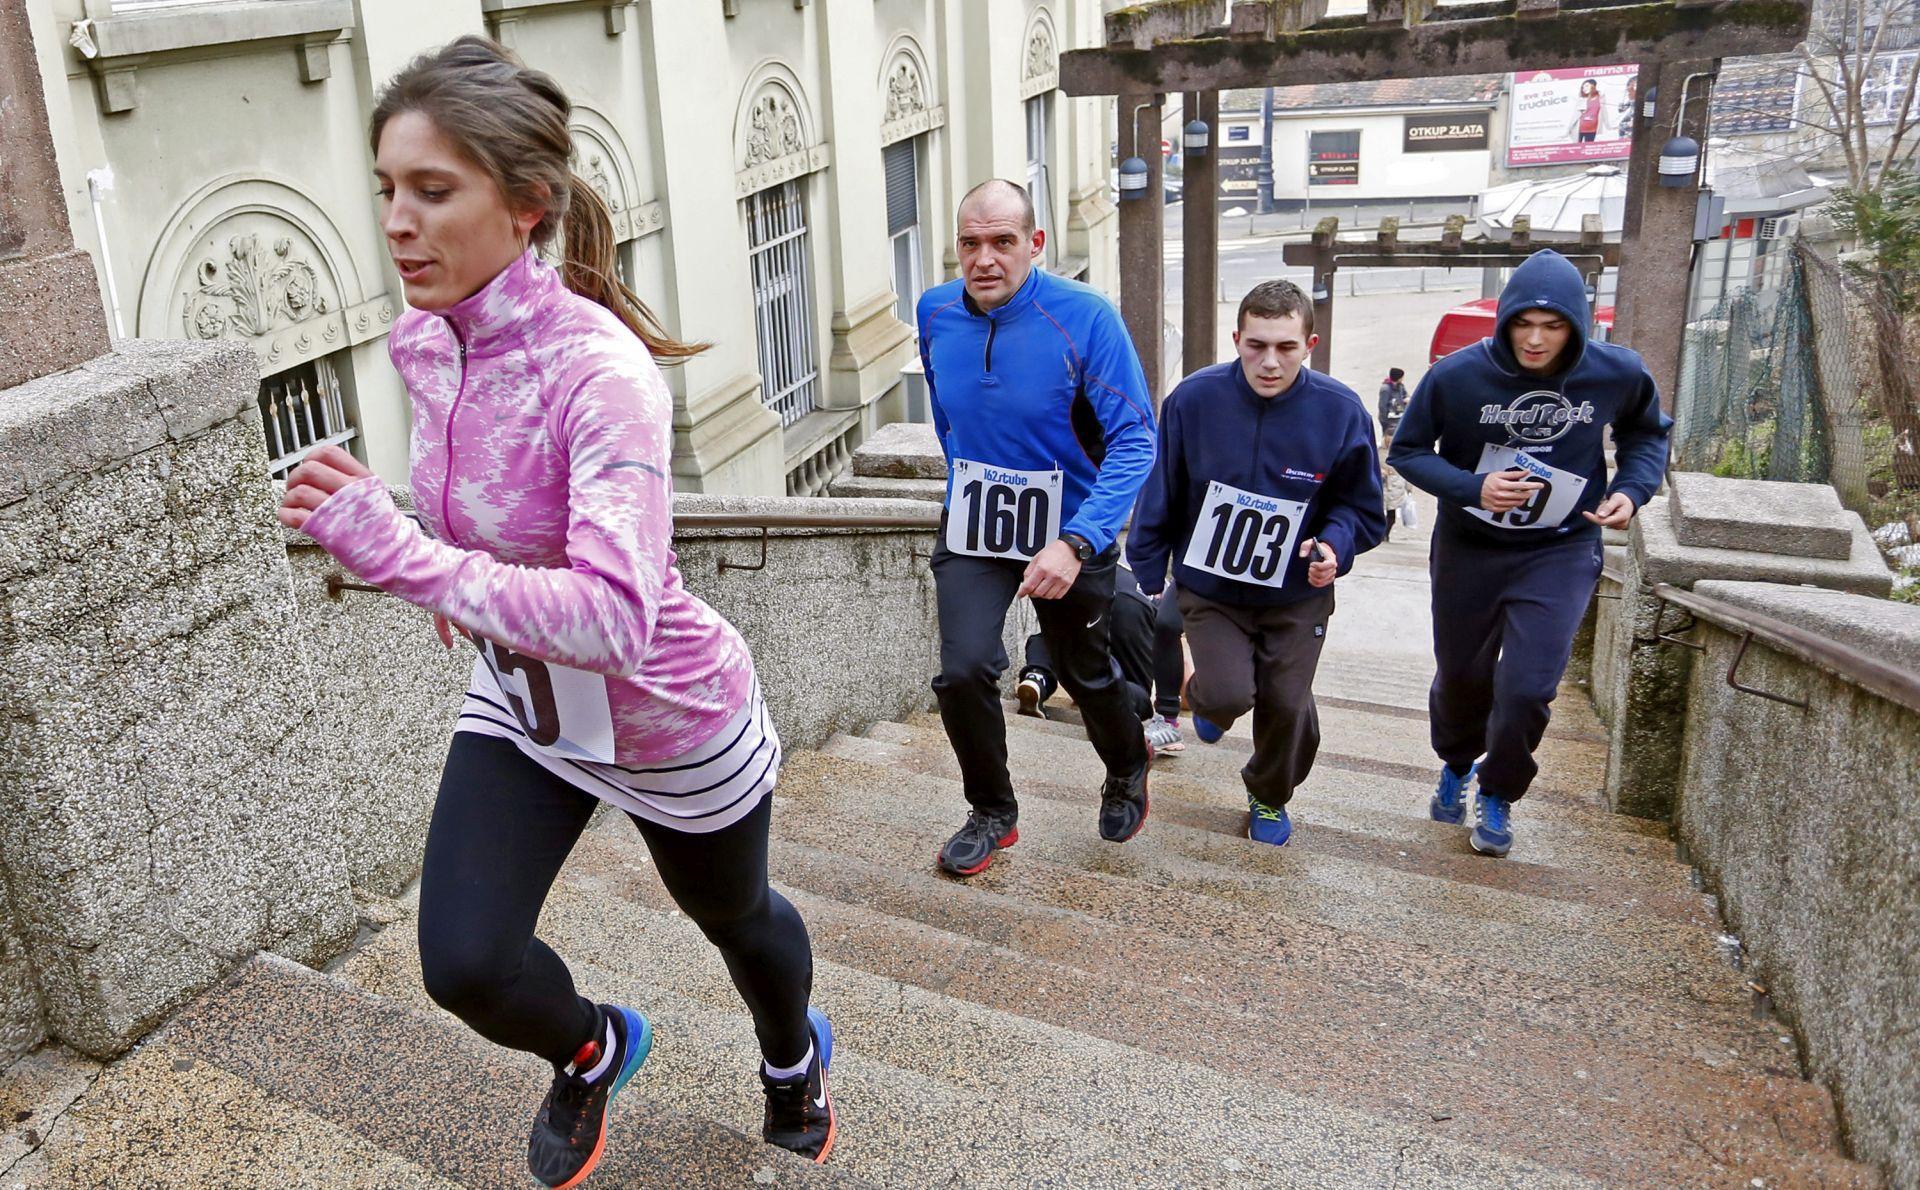 ZAGREB Tradicionalna utrka '162 stube' u subotu, 11. veljače